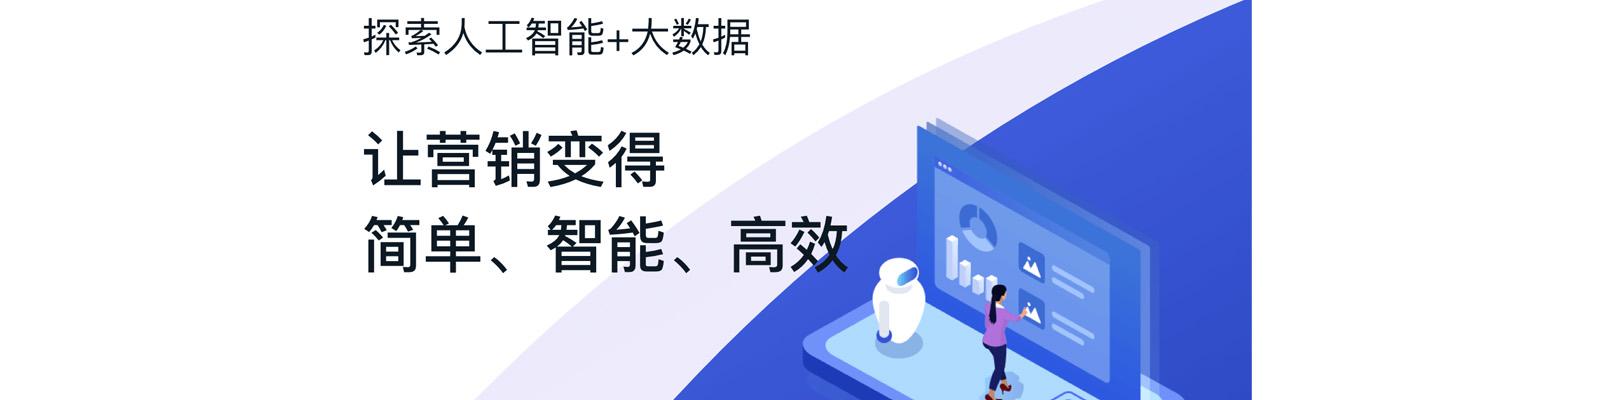 武汉智生粉科技有限公司